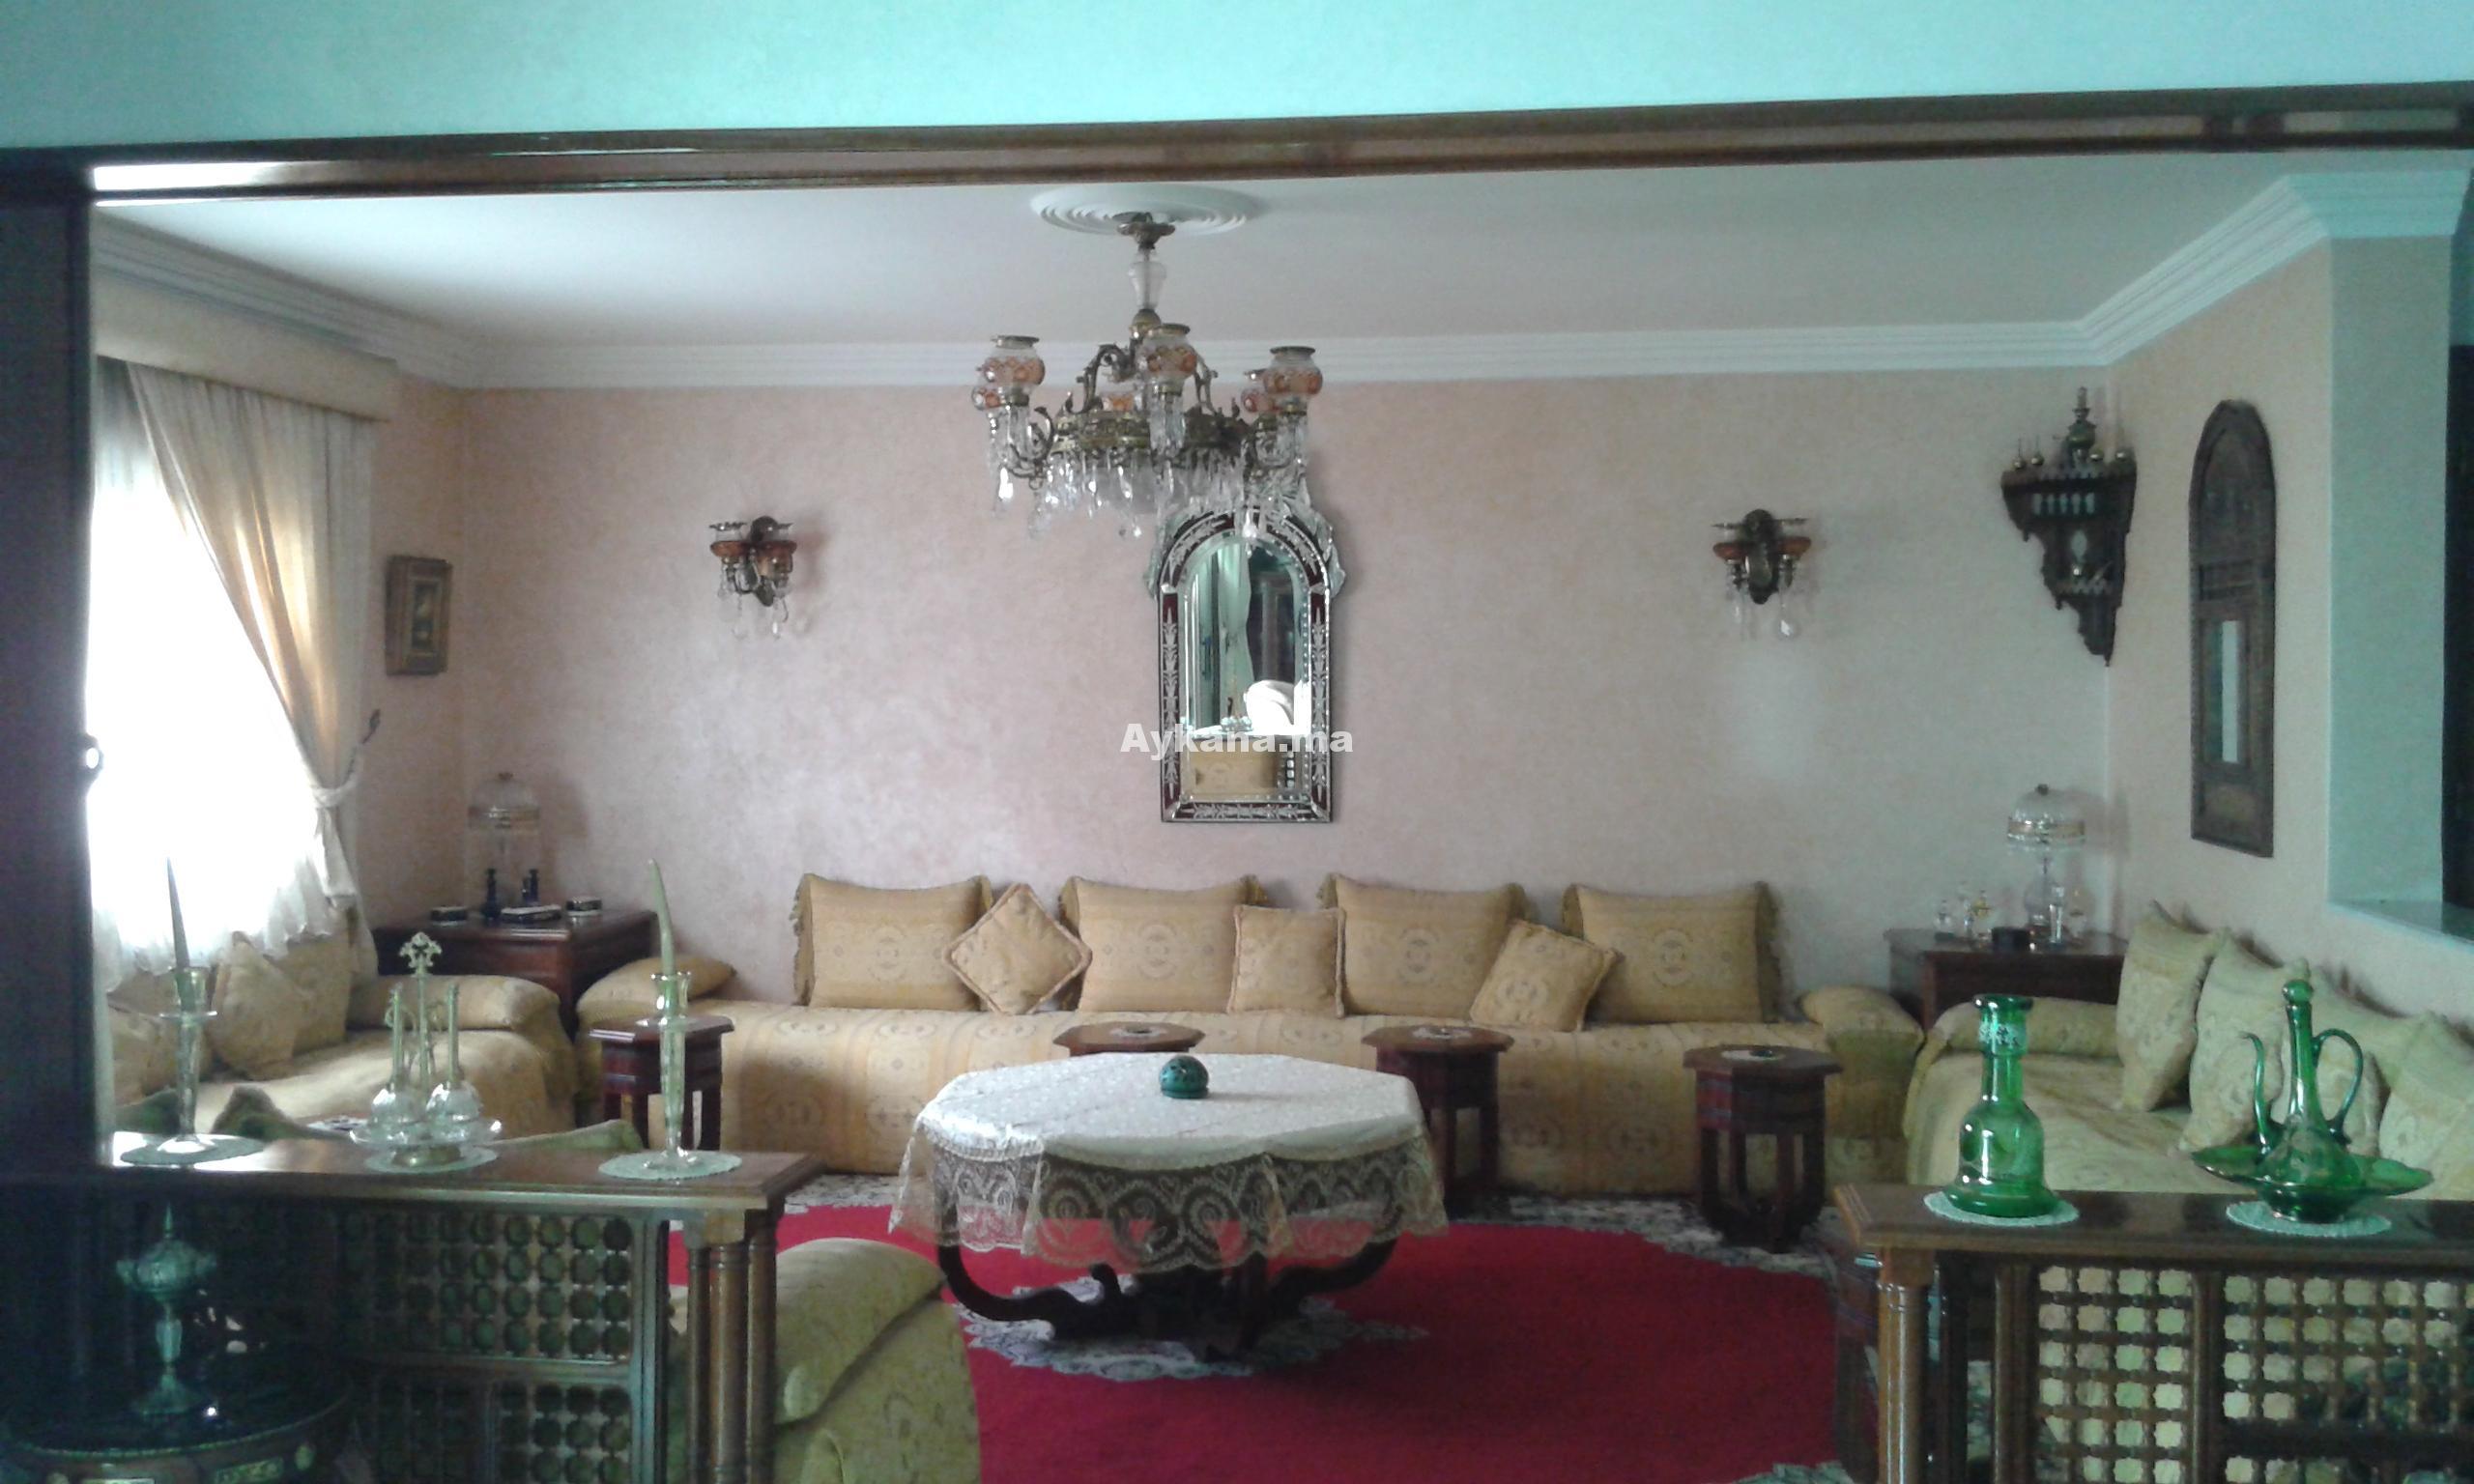 Vente appartement rabat hay riad 20578 for Mobilia hay riad rabat